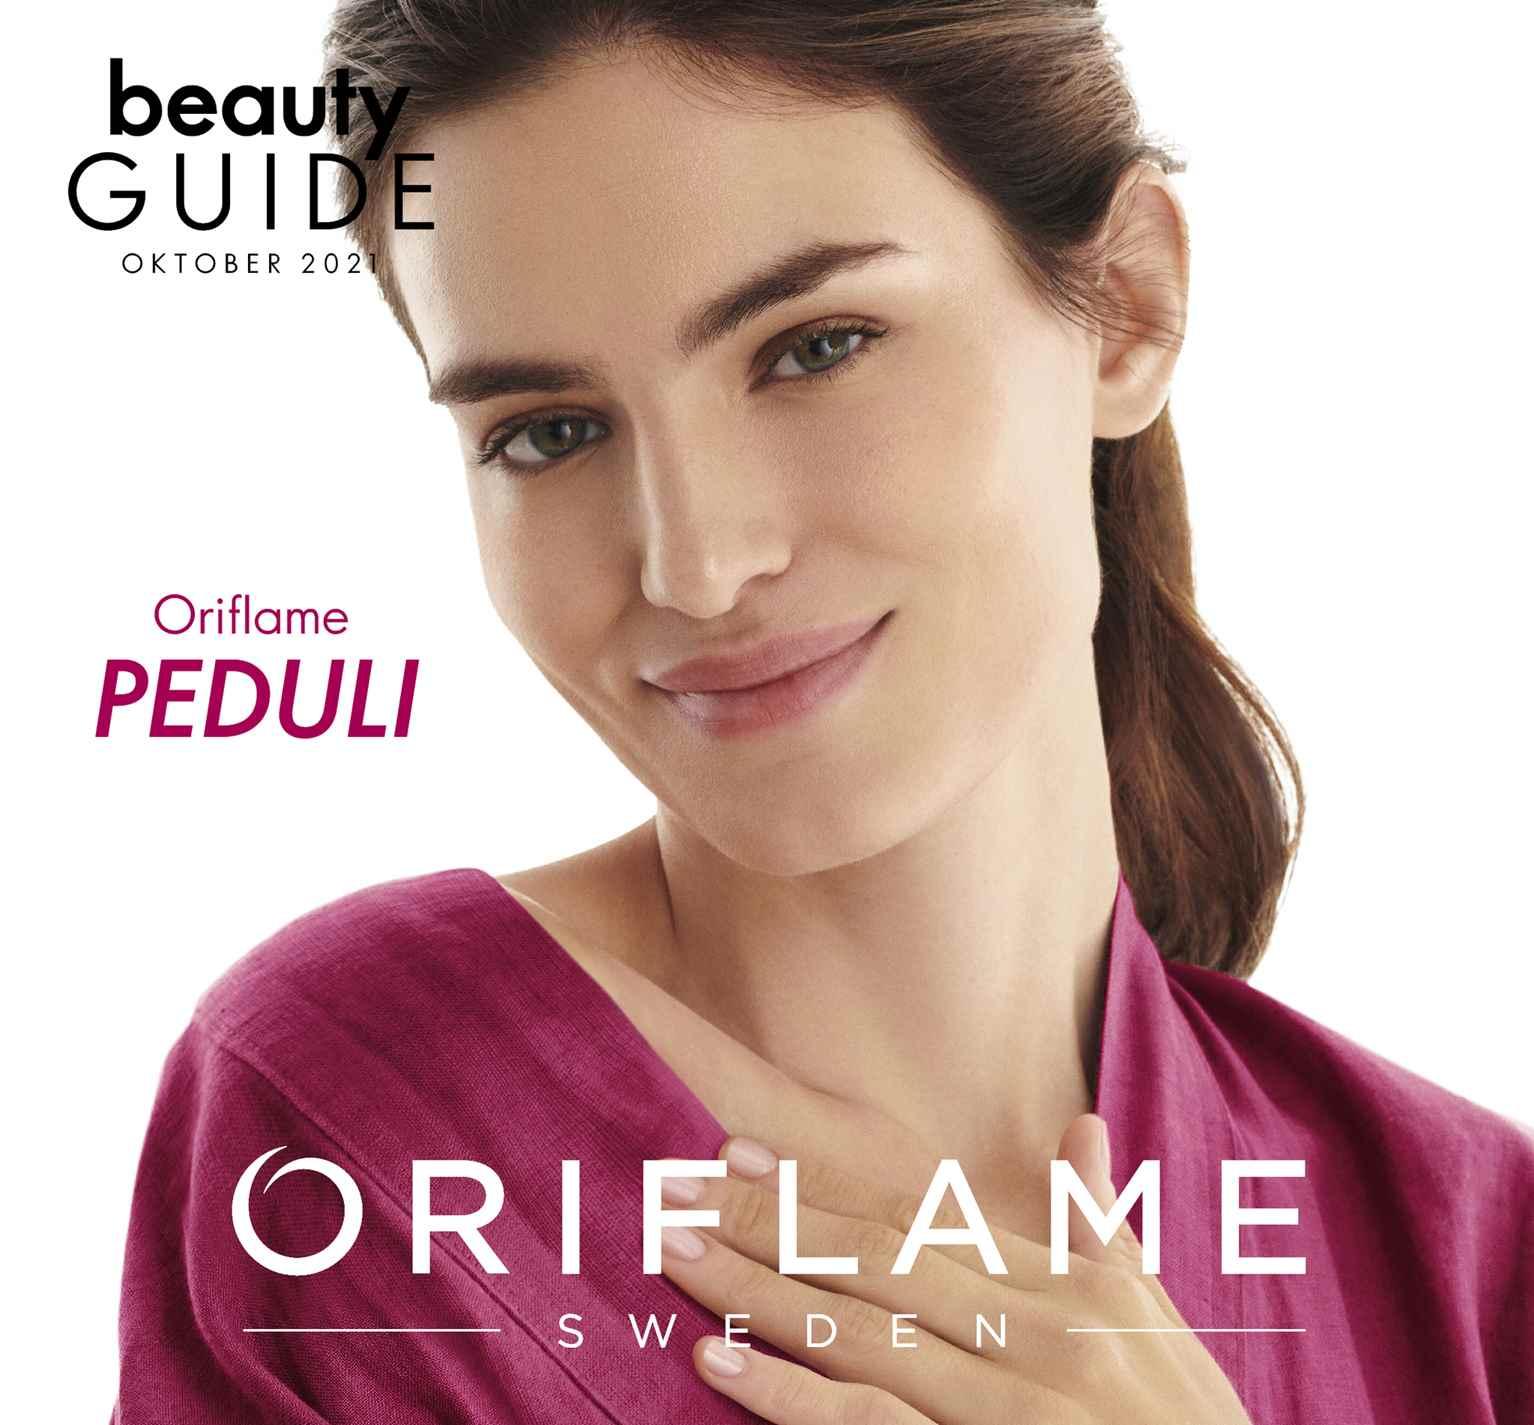 Katalog Promo Oriflame Oktober 2021